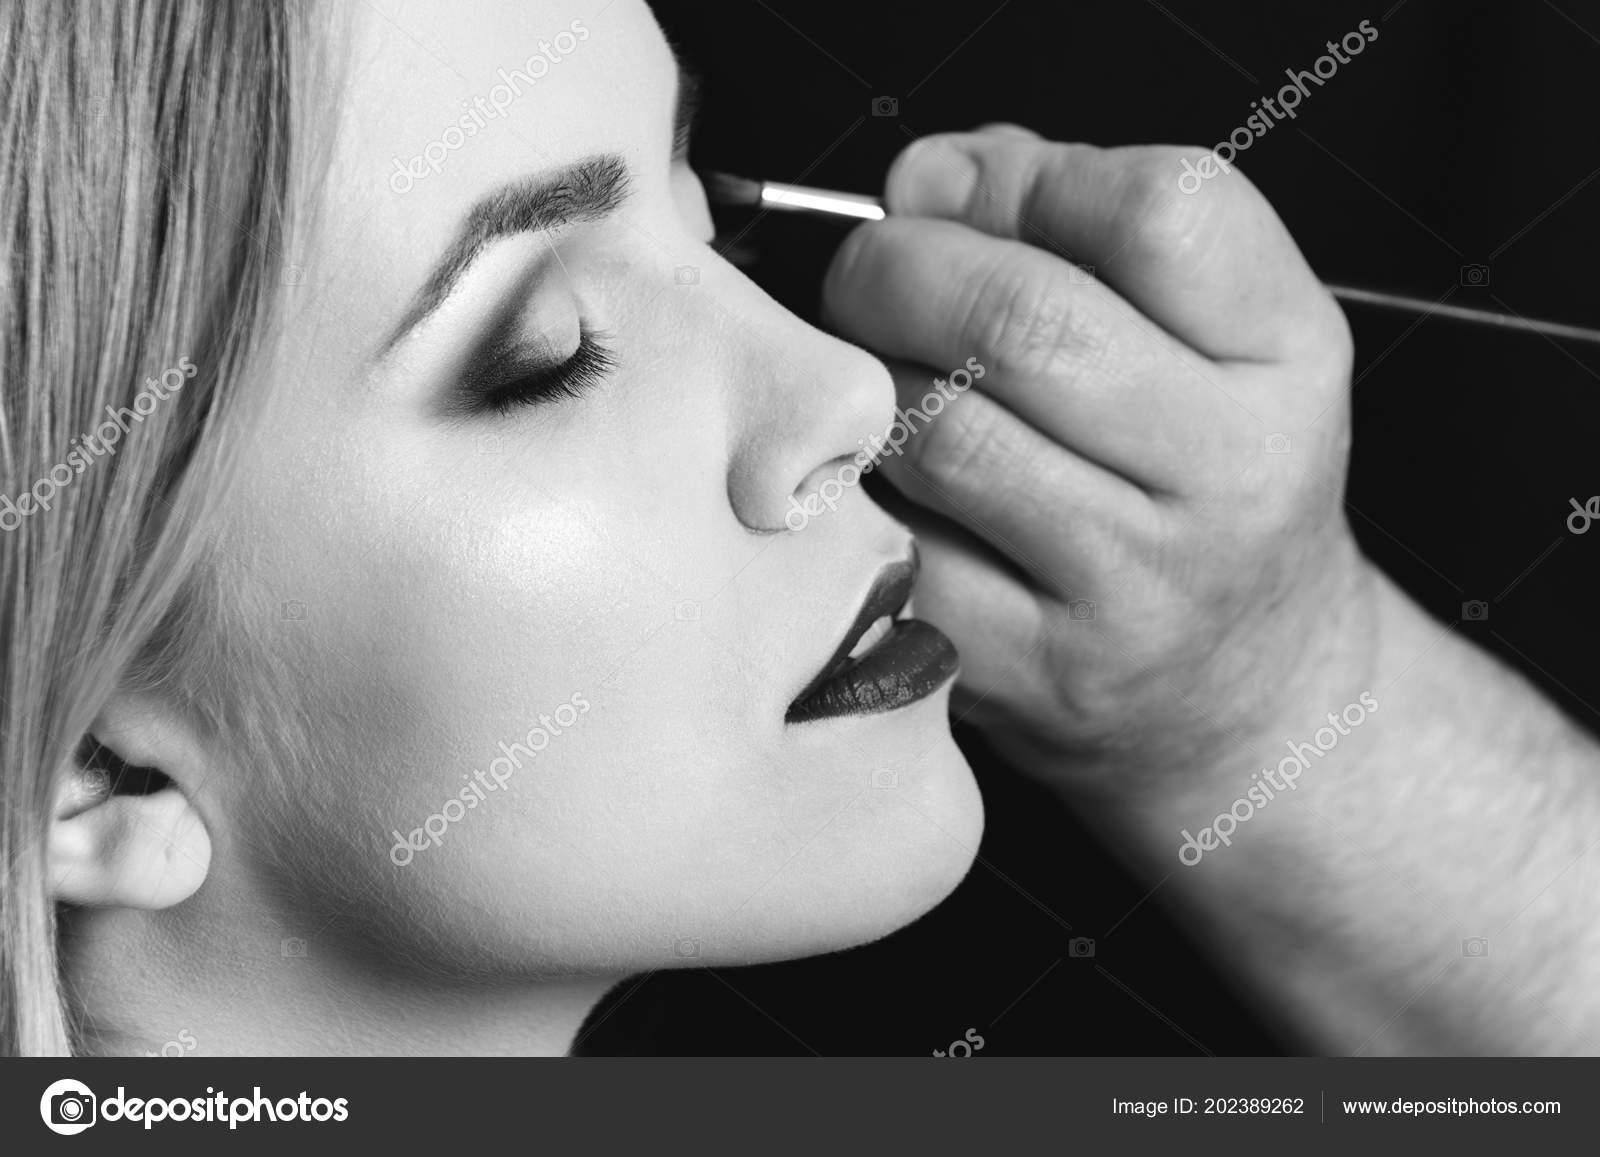 Λευκό μουνί μαύρο κόκορας φωτογραφίες